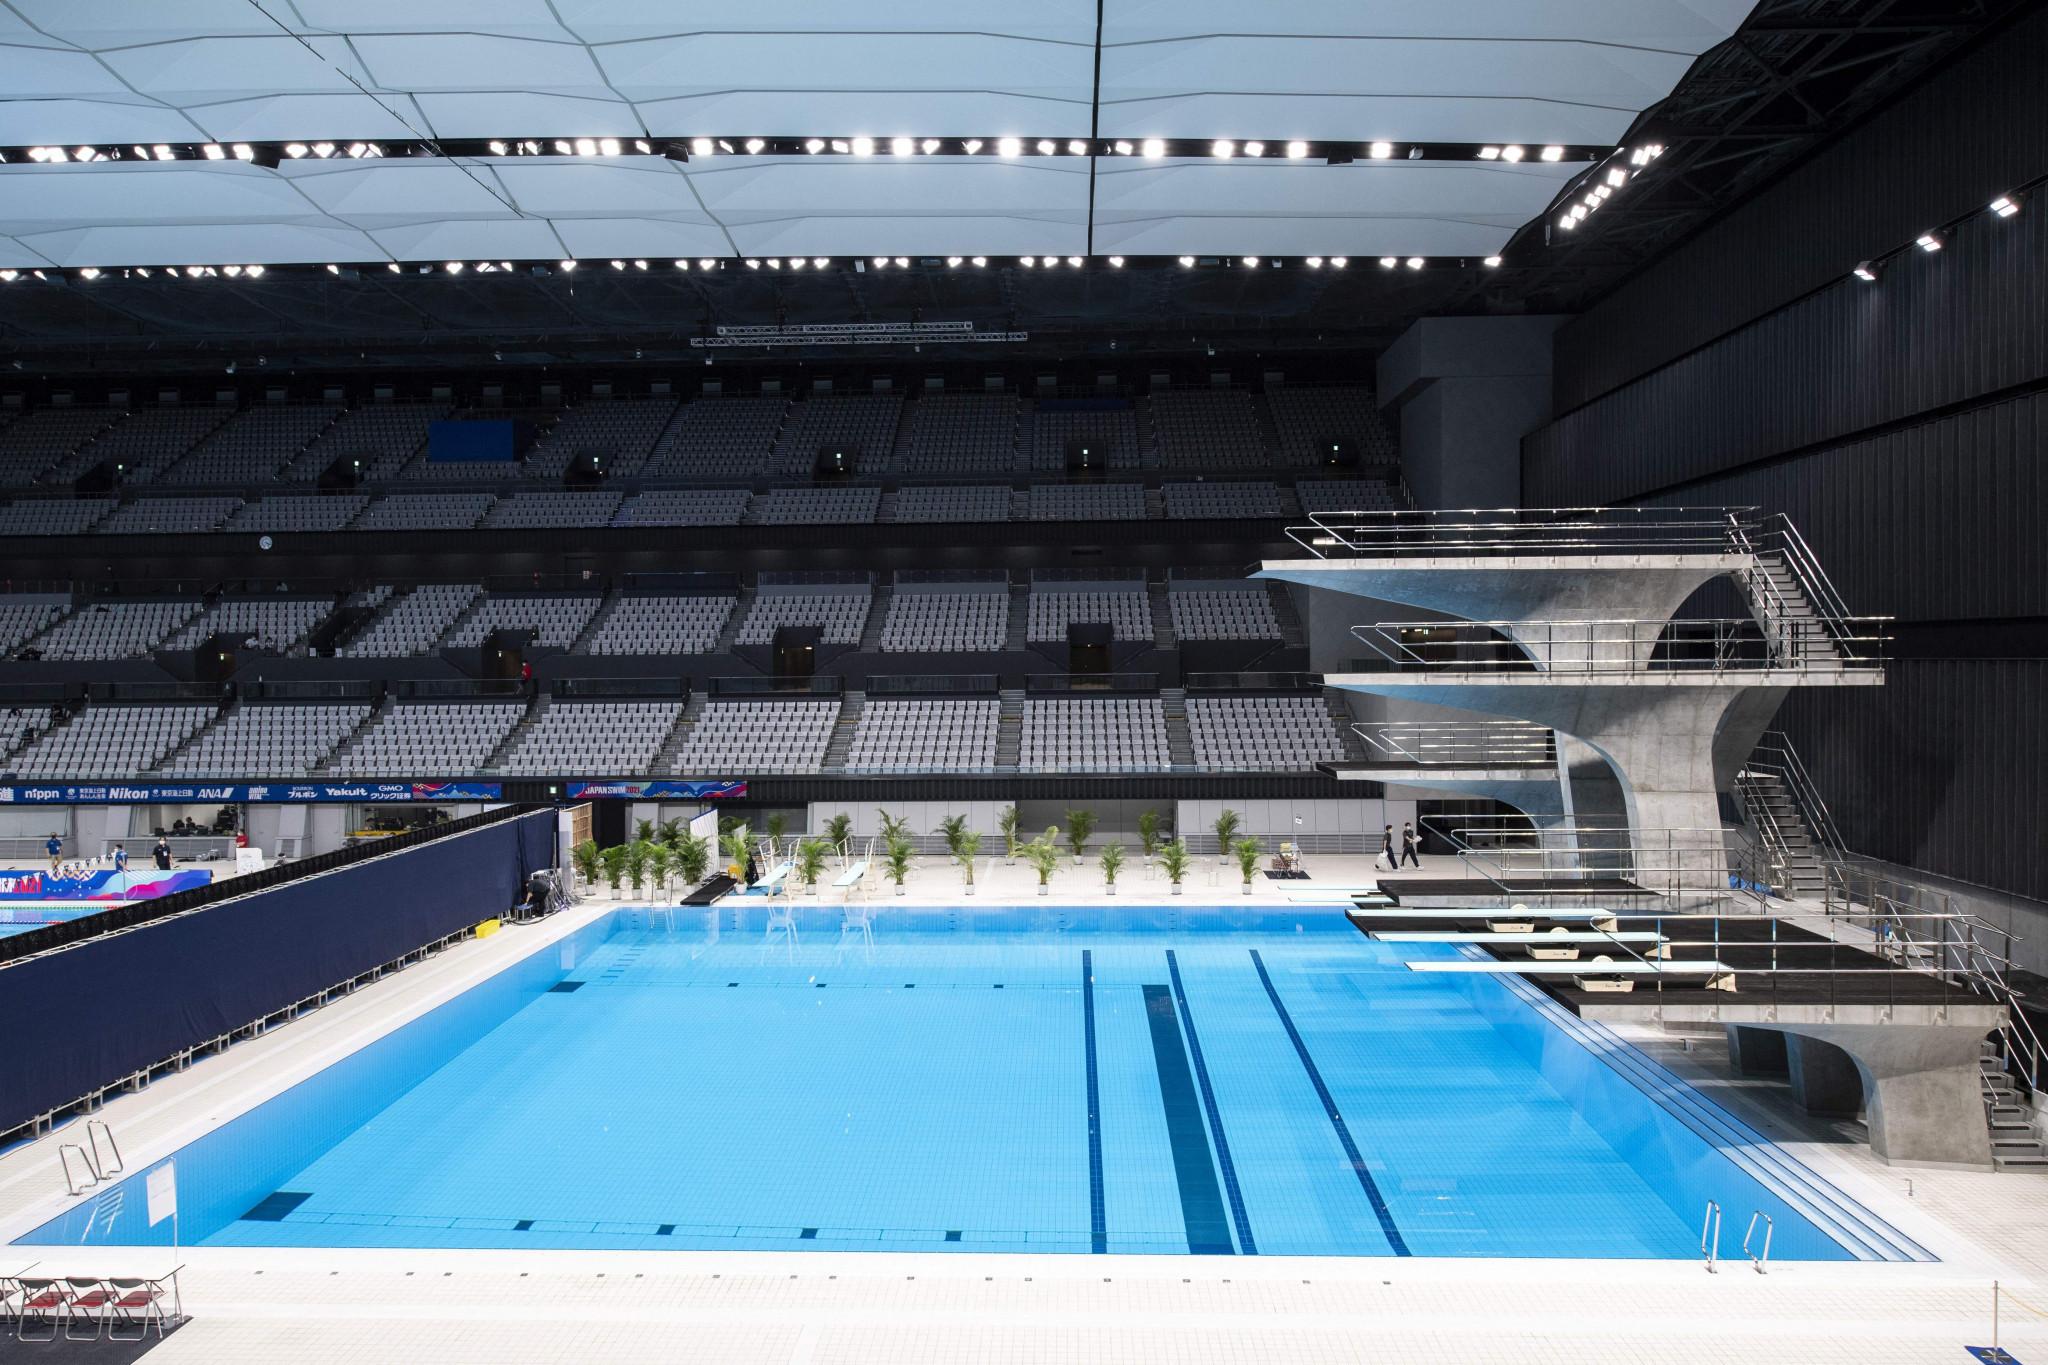 Clasificatorios de natación artística y clavado para Tokio 2020 se celebrarán en mayo